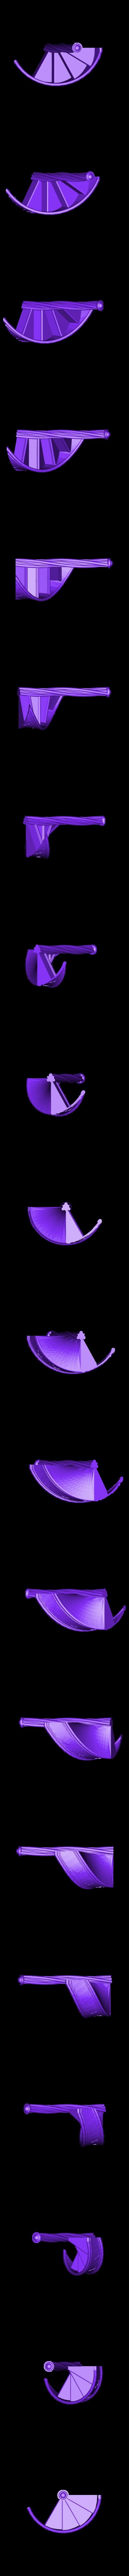 CStairs2Half2.stl Télécharger fichier STL gratuit Escalier du château Deux • Design imprimable en 3D, gabutoillegna56